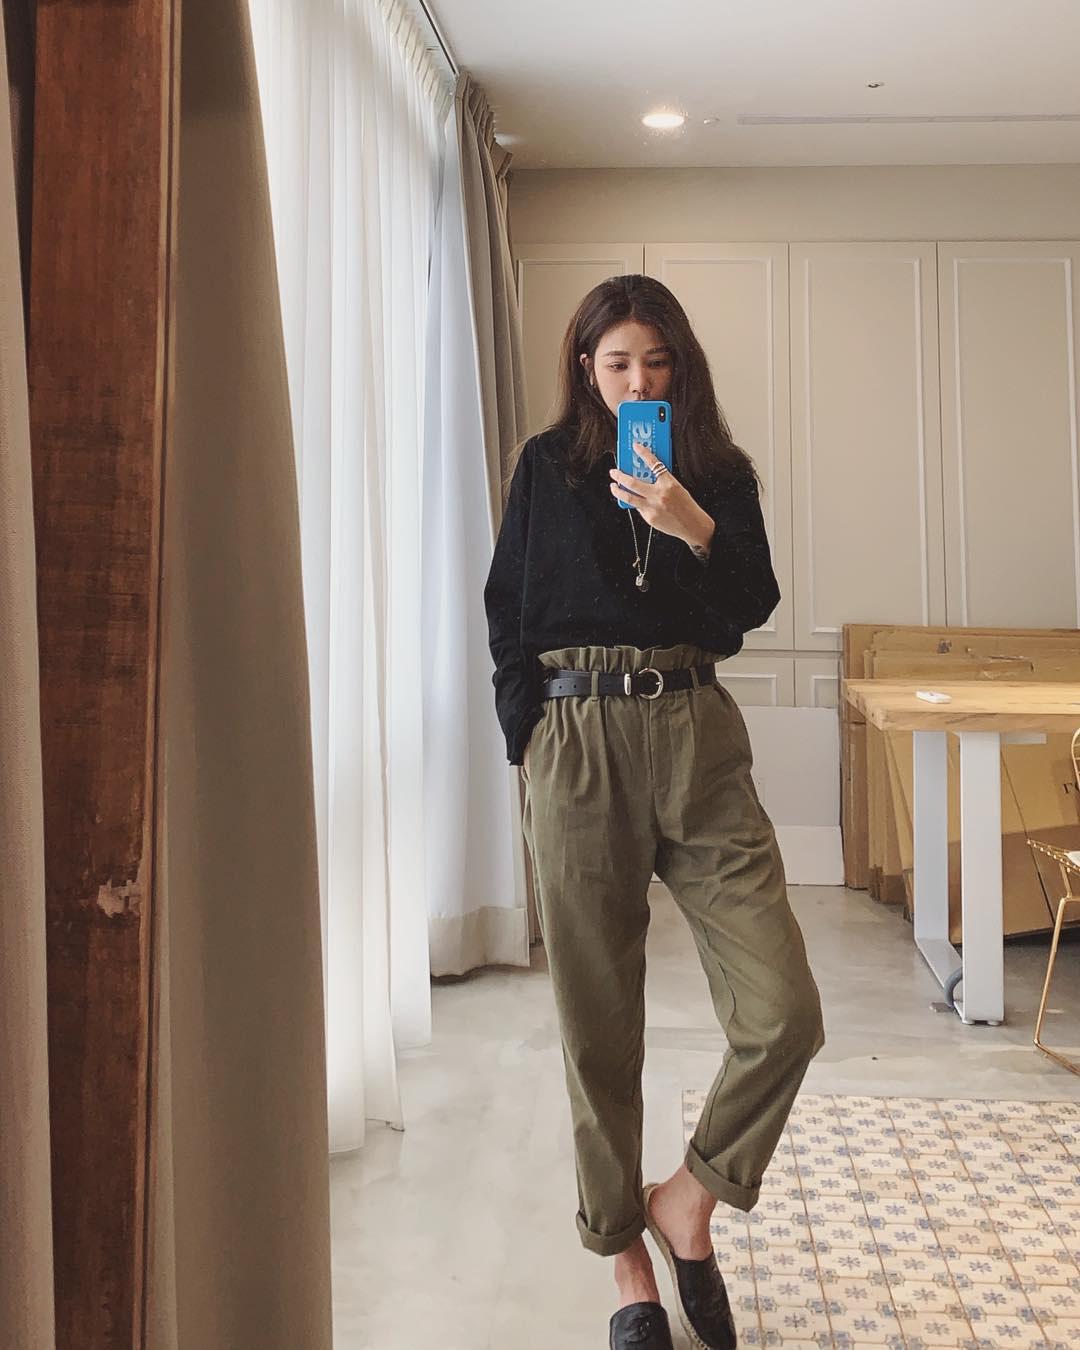 Chân to như cột đình, bạn chỉ cần nhớ 4 tiêu chí chọn quần và váy này thì chân sẽ thon hơn hẳn - Ảnh 4.